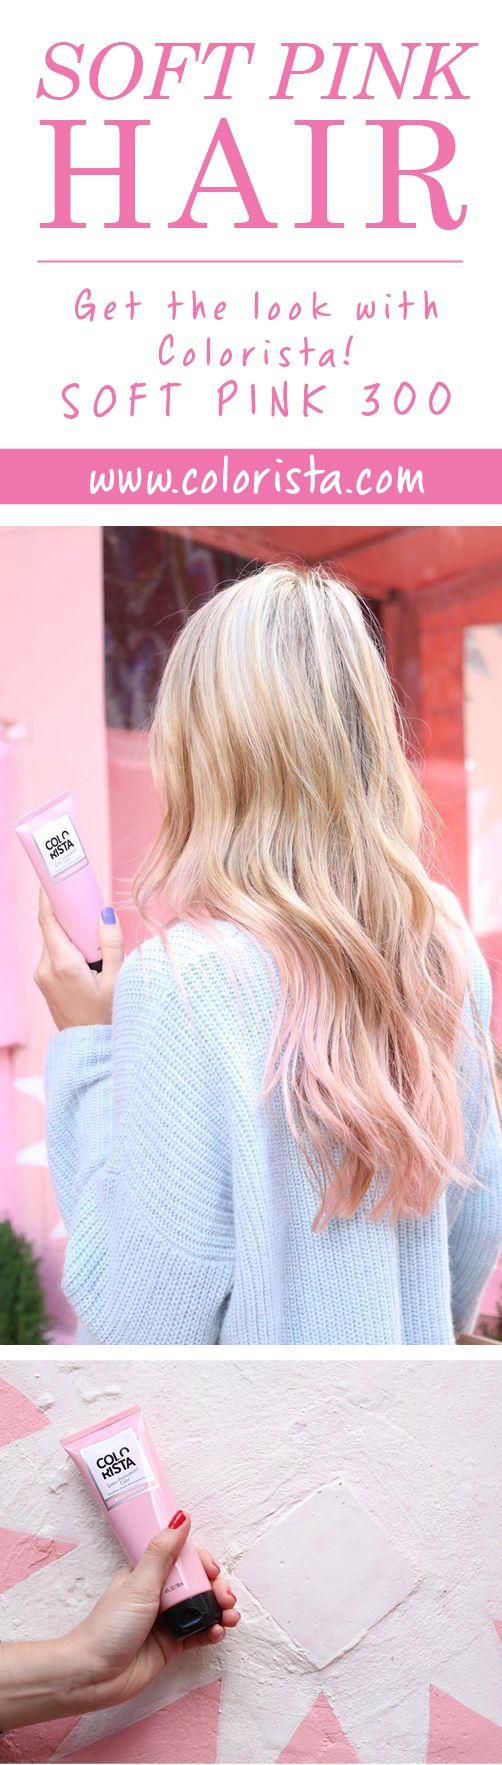 48 best images about Hair Color on Pinterest | Revlon, Paris and ...